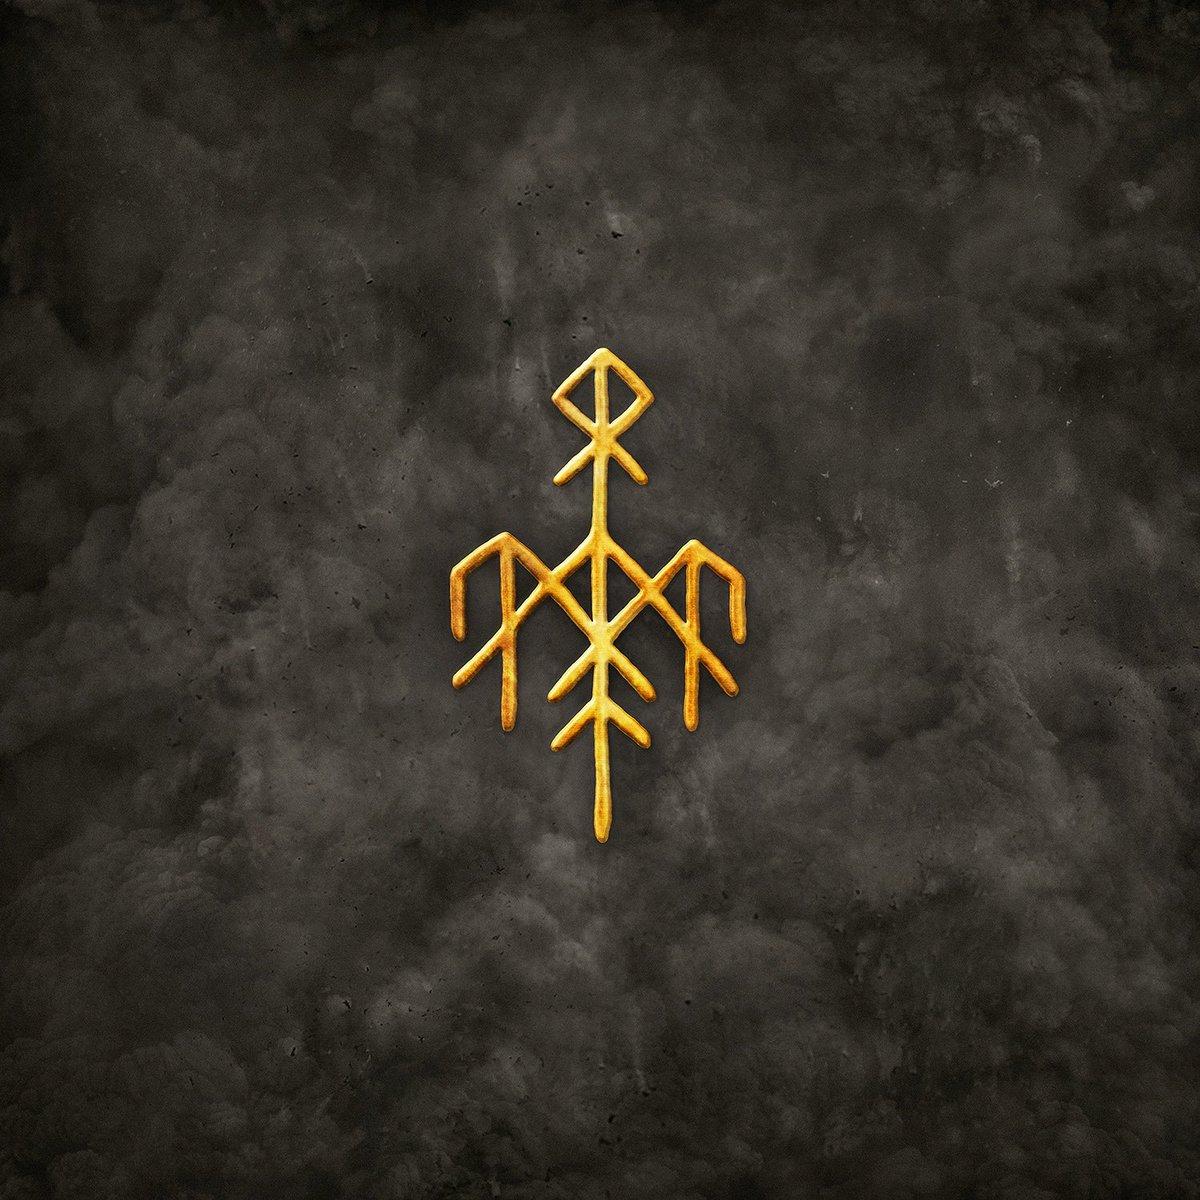 'Runaljod – Ragnarok', will be out on October 21. http://wardruna.com